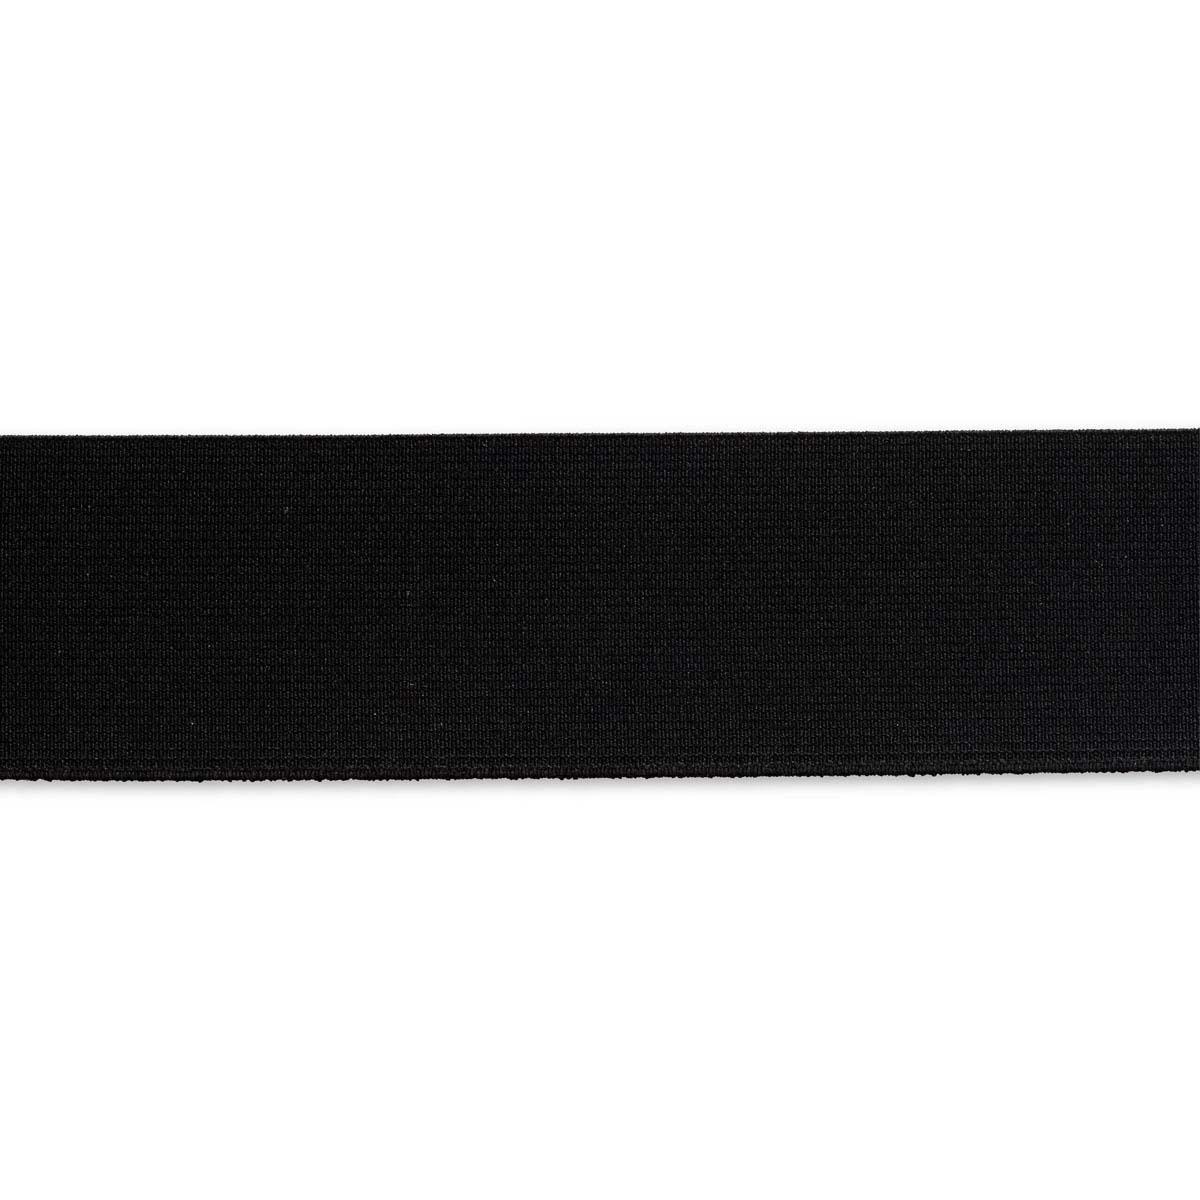 955307 Прочная эластичная лента 50 мм черный цв. Prym